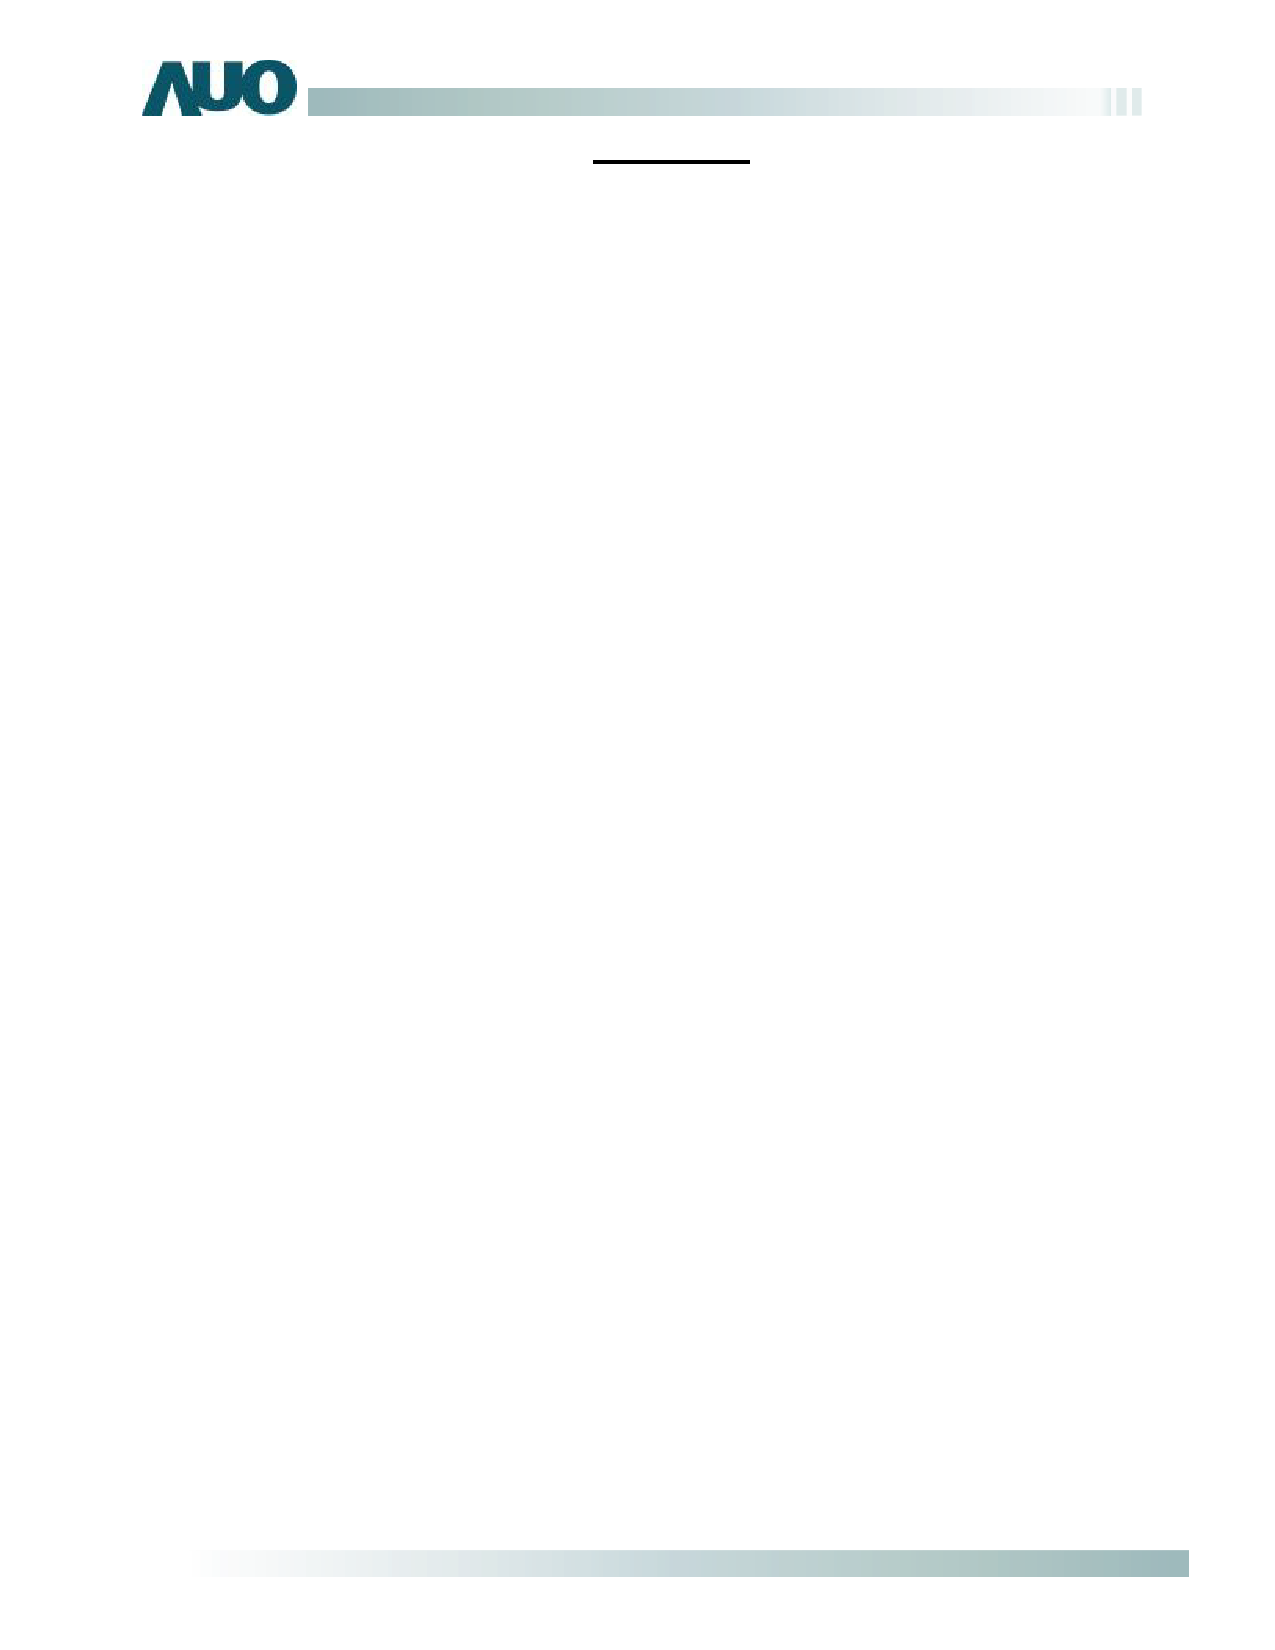 G065VN01-V0 Даташит, Описание, Даташиты